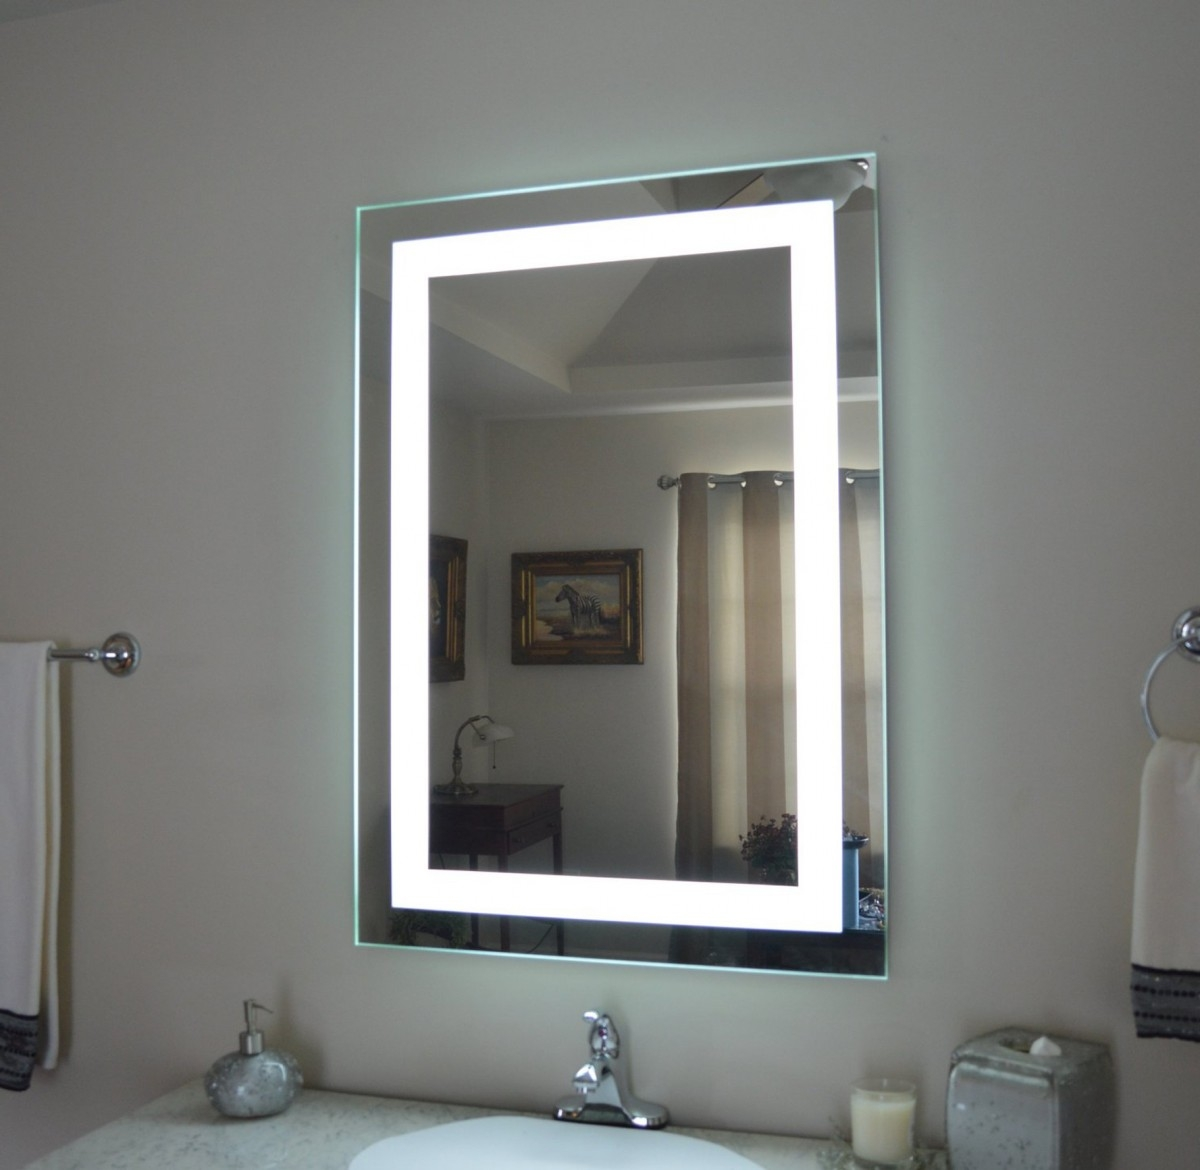 Bathroom Mirror Medicine Cabinets With Lights